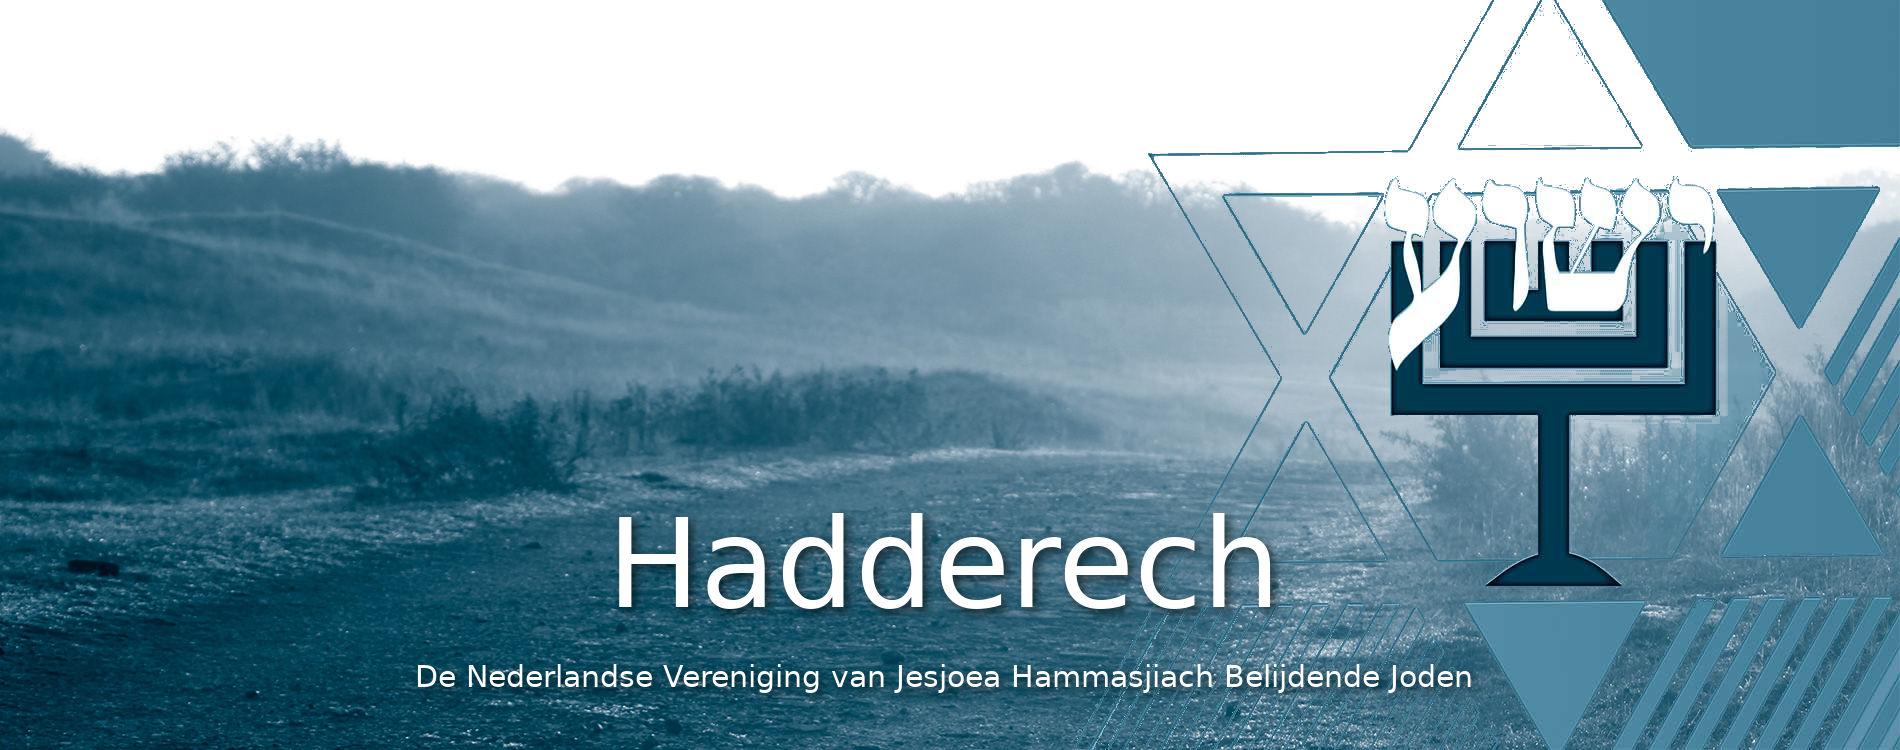 Hadderech